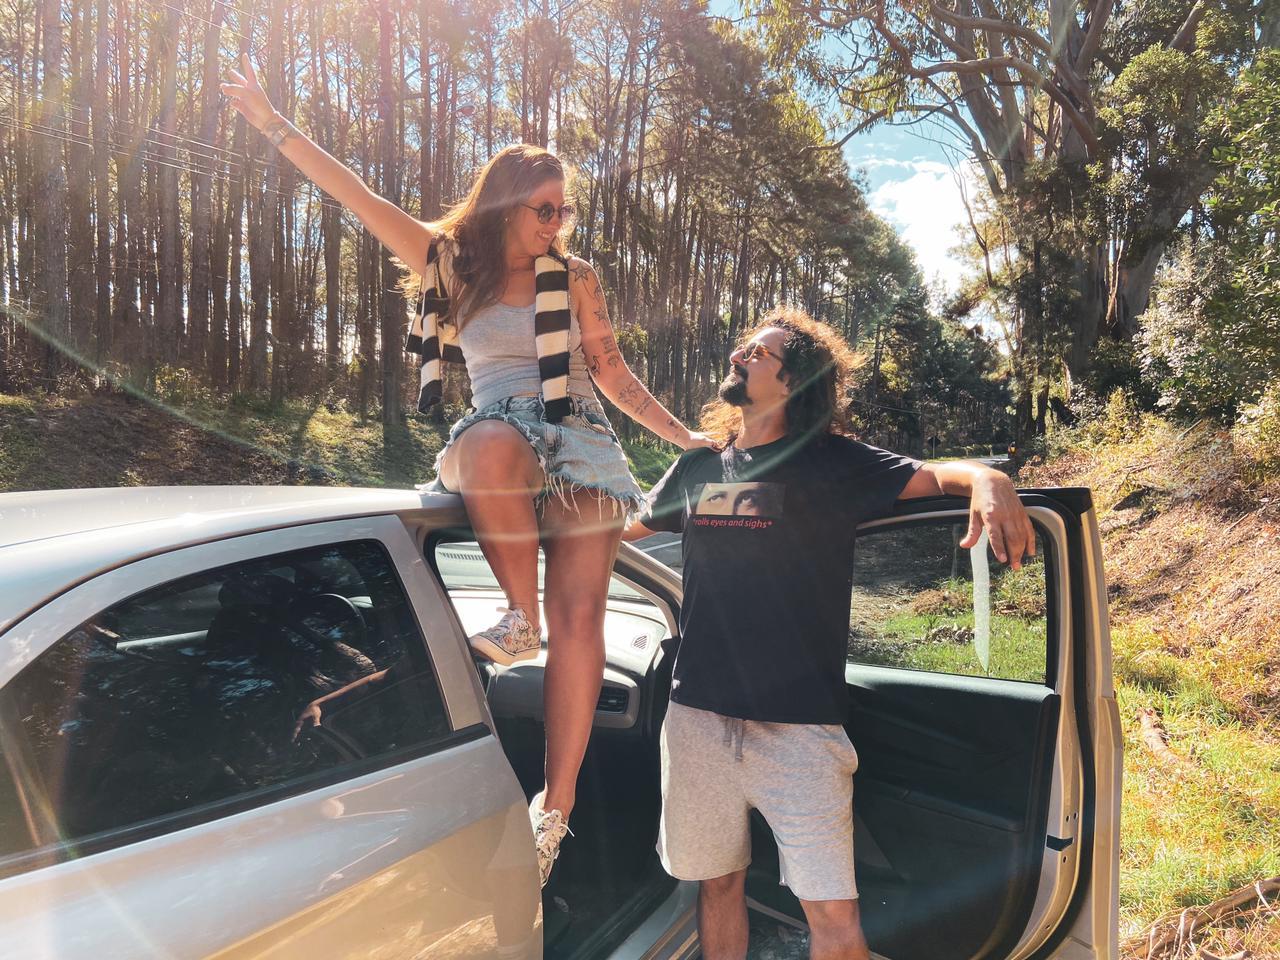 Paixão VIAJAR: Casal de Florianópolis embarca em novo projeto para desbravar o Brasil de carro